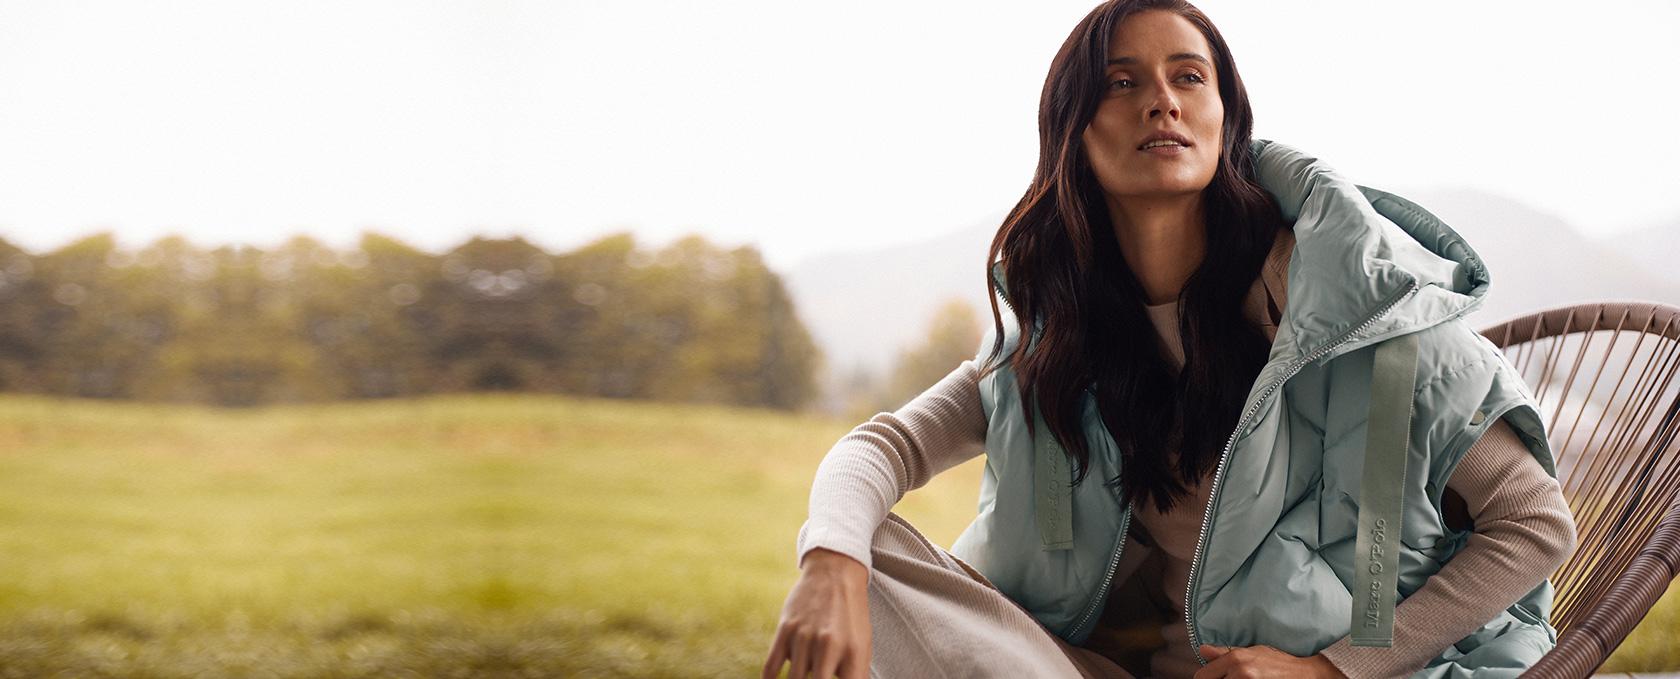 Twoja strefa komfortu - ubrania idealne na jesienny chill